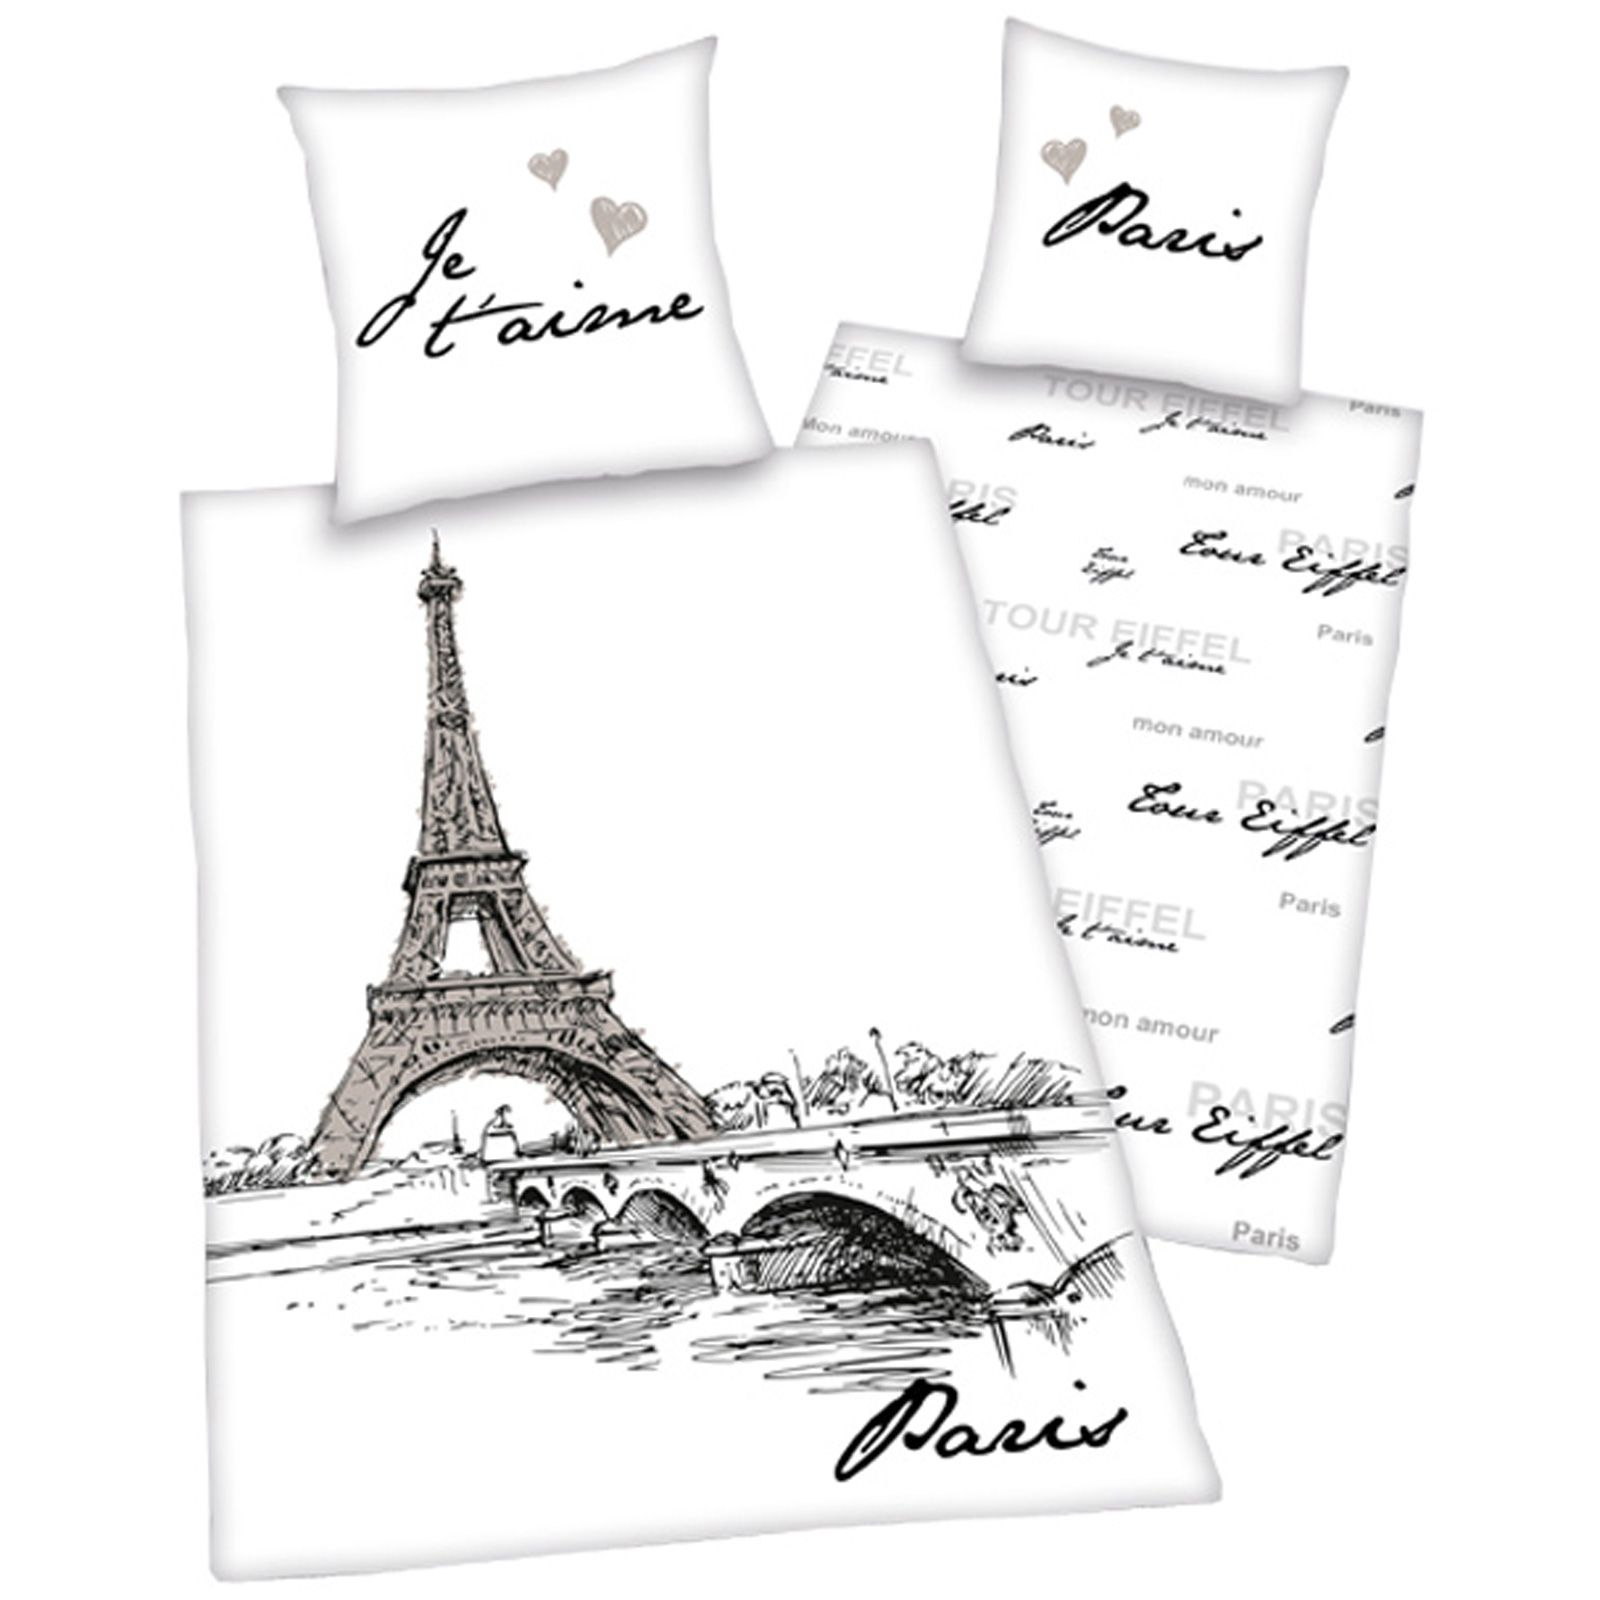 Copripiumini In Cotone 100 Con Disegni Di Luoghi Famosi A Parigi